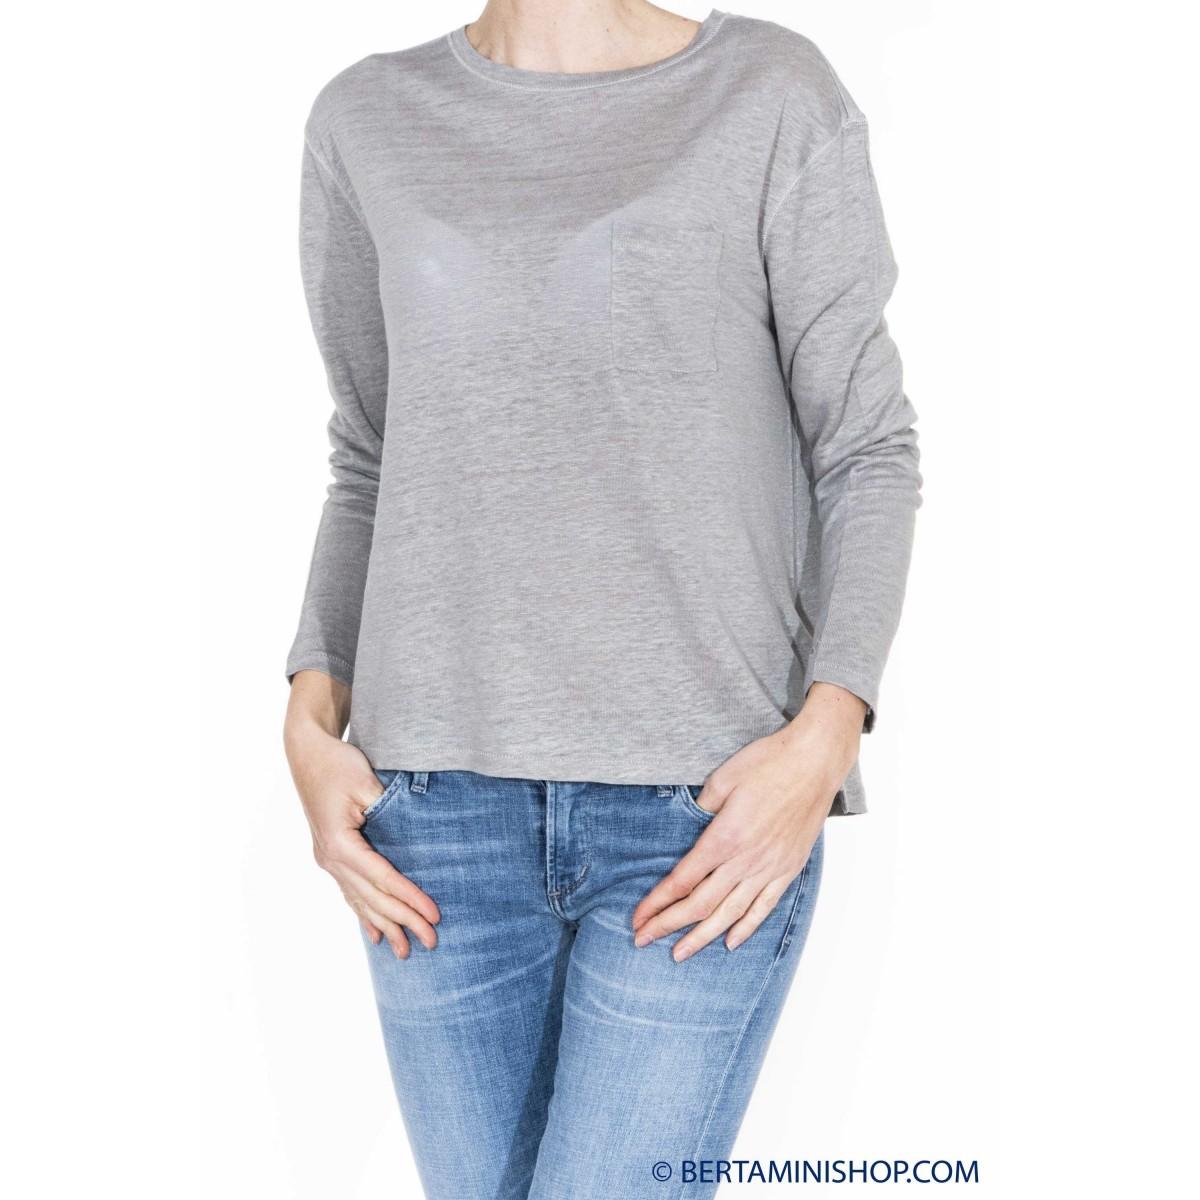 T shirt manica lunga Sun 68 - 16225 t-shirt manica lunga cotone lino